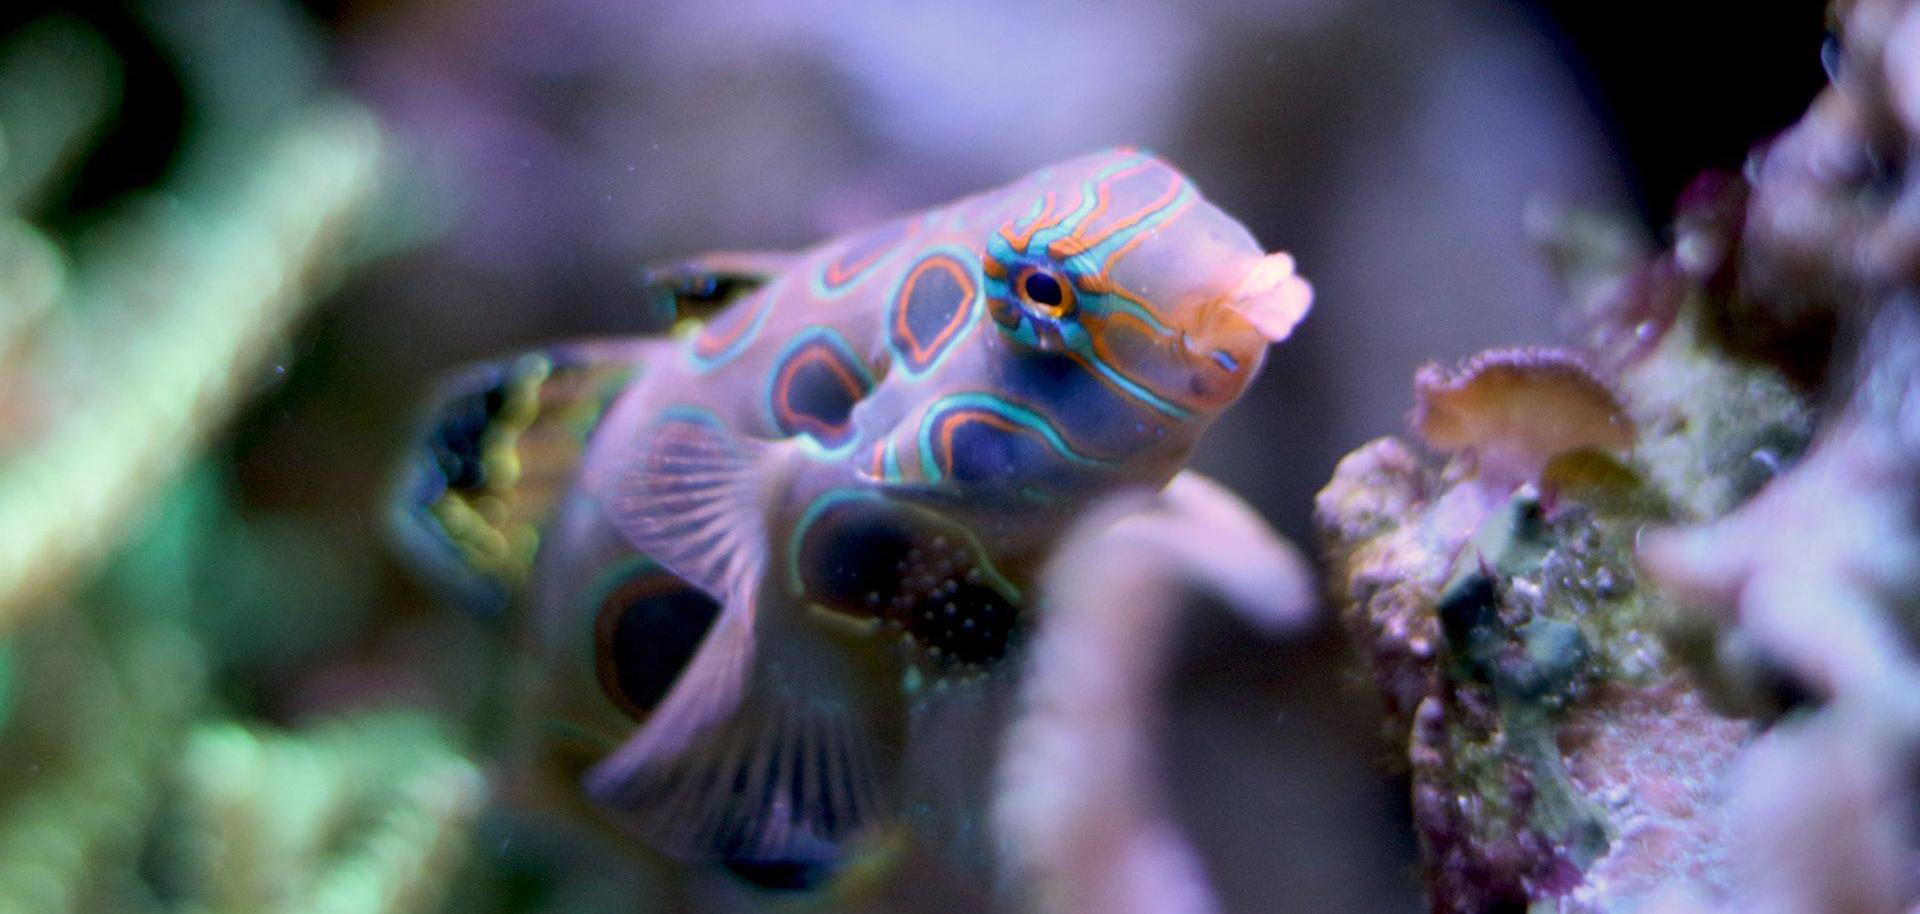 A fish at Oklahoma Aquarium near Tulsa, Oklahoma.